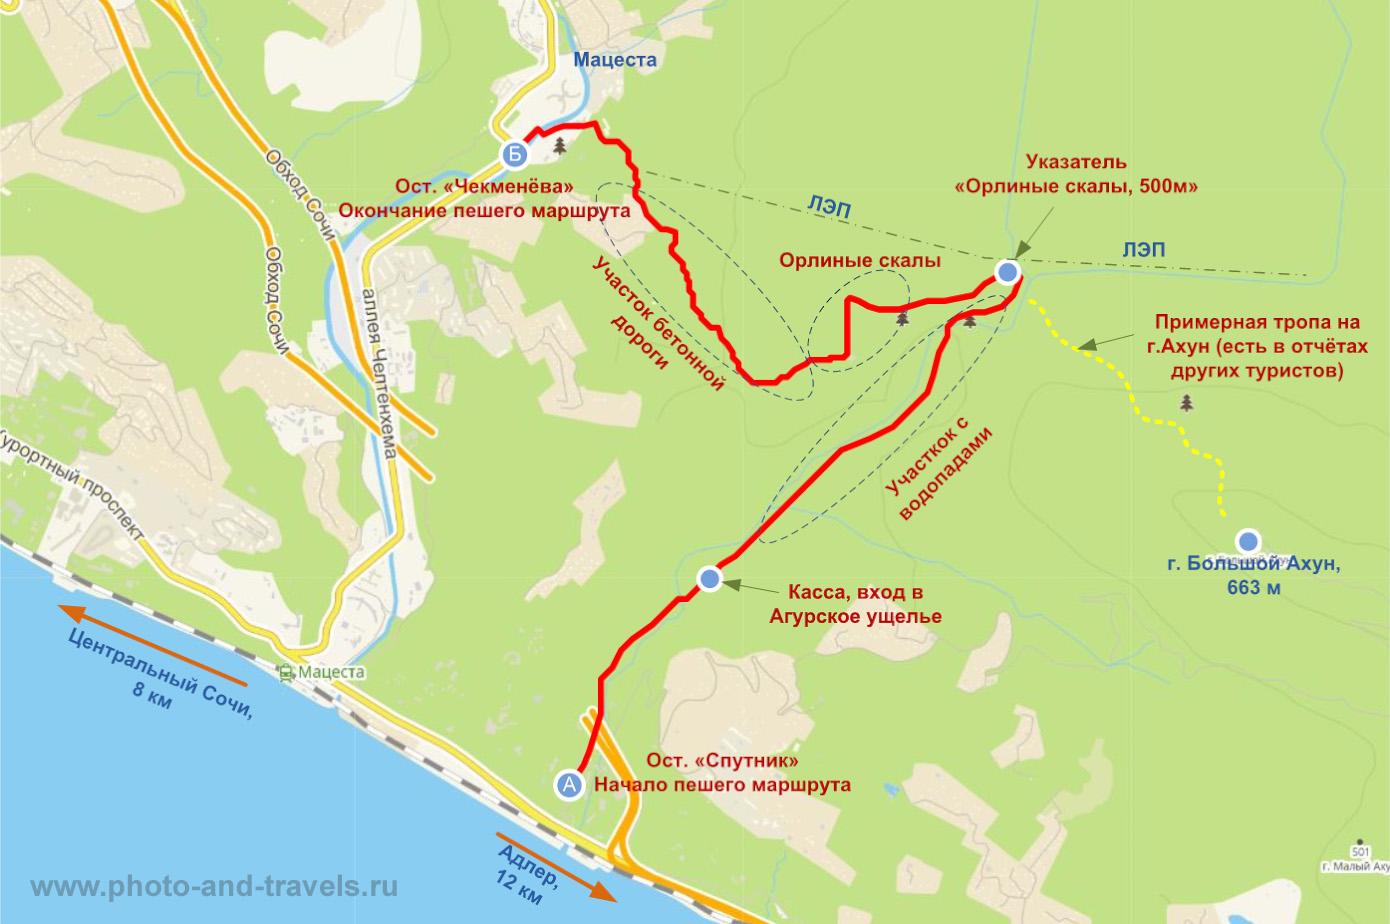 Карта пешеходного маршрута: «Агурские водопады – Орлиные скалы», протяжённость около 7,5 км. Какие природные достопримечательности можно посетить, отдыхая в Сочи.